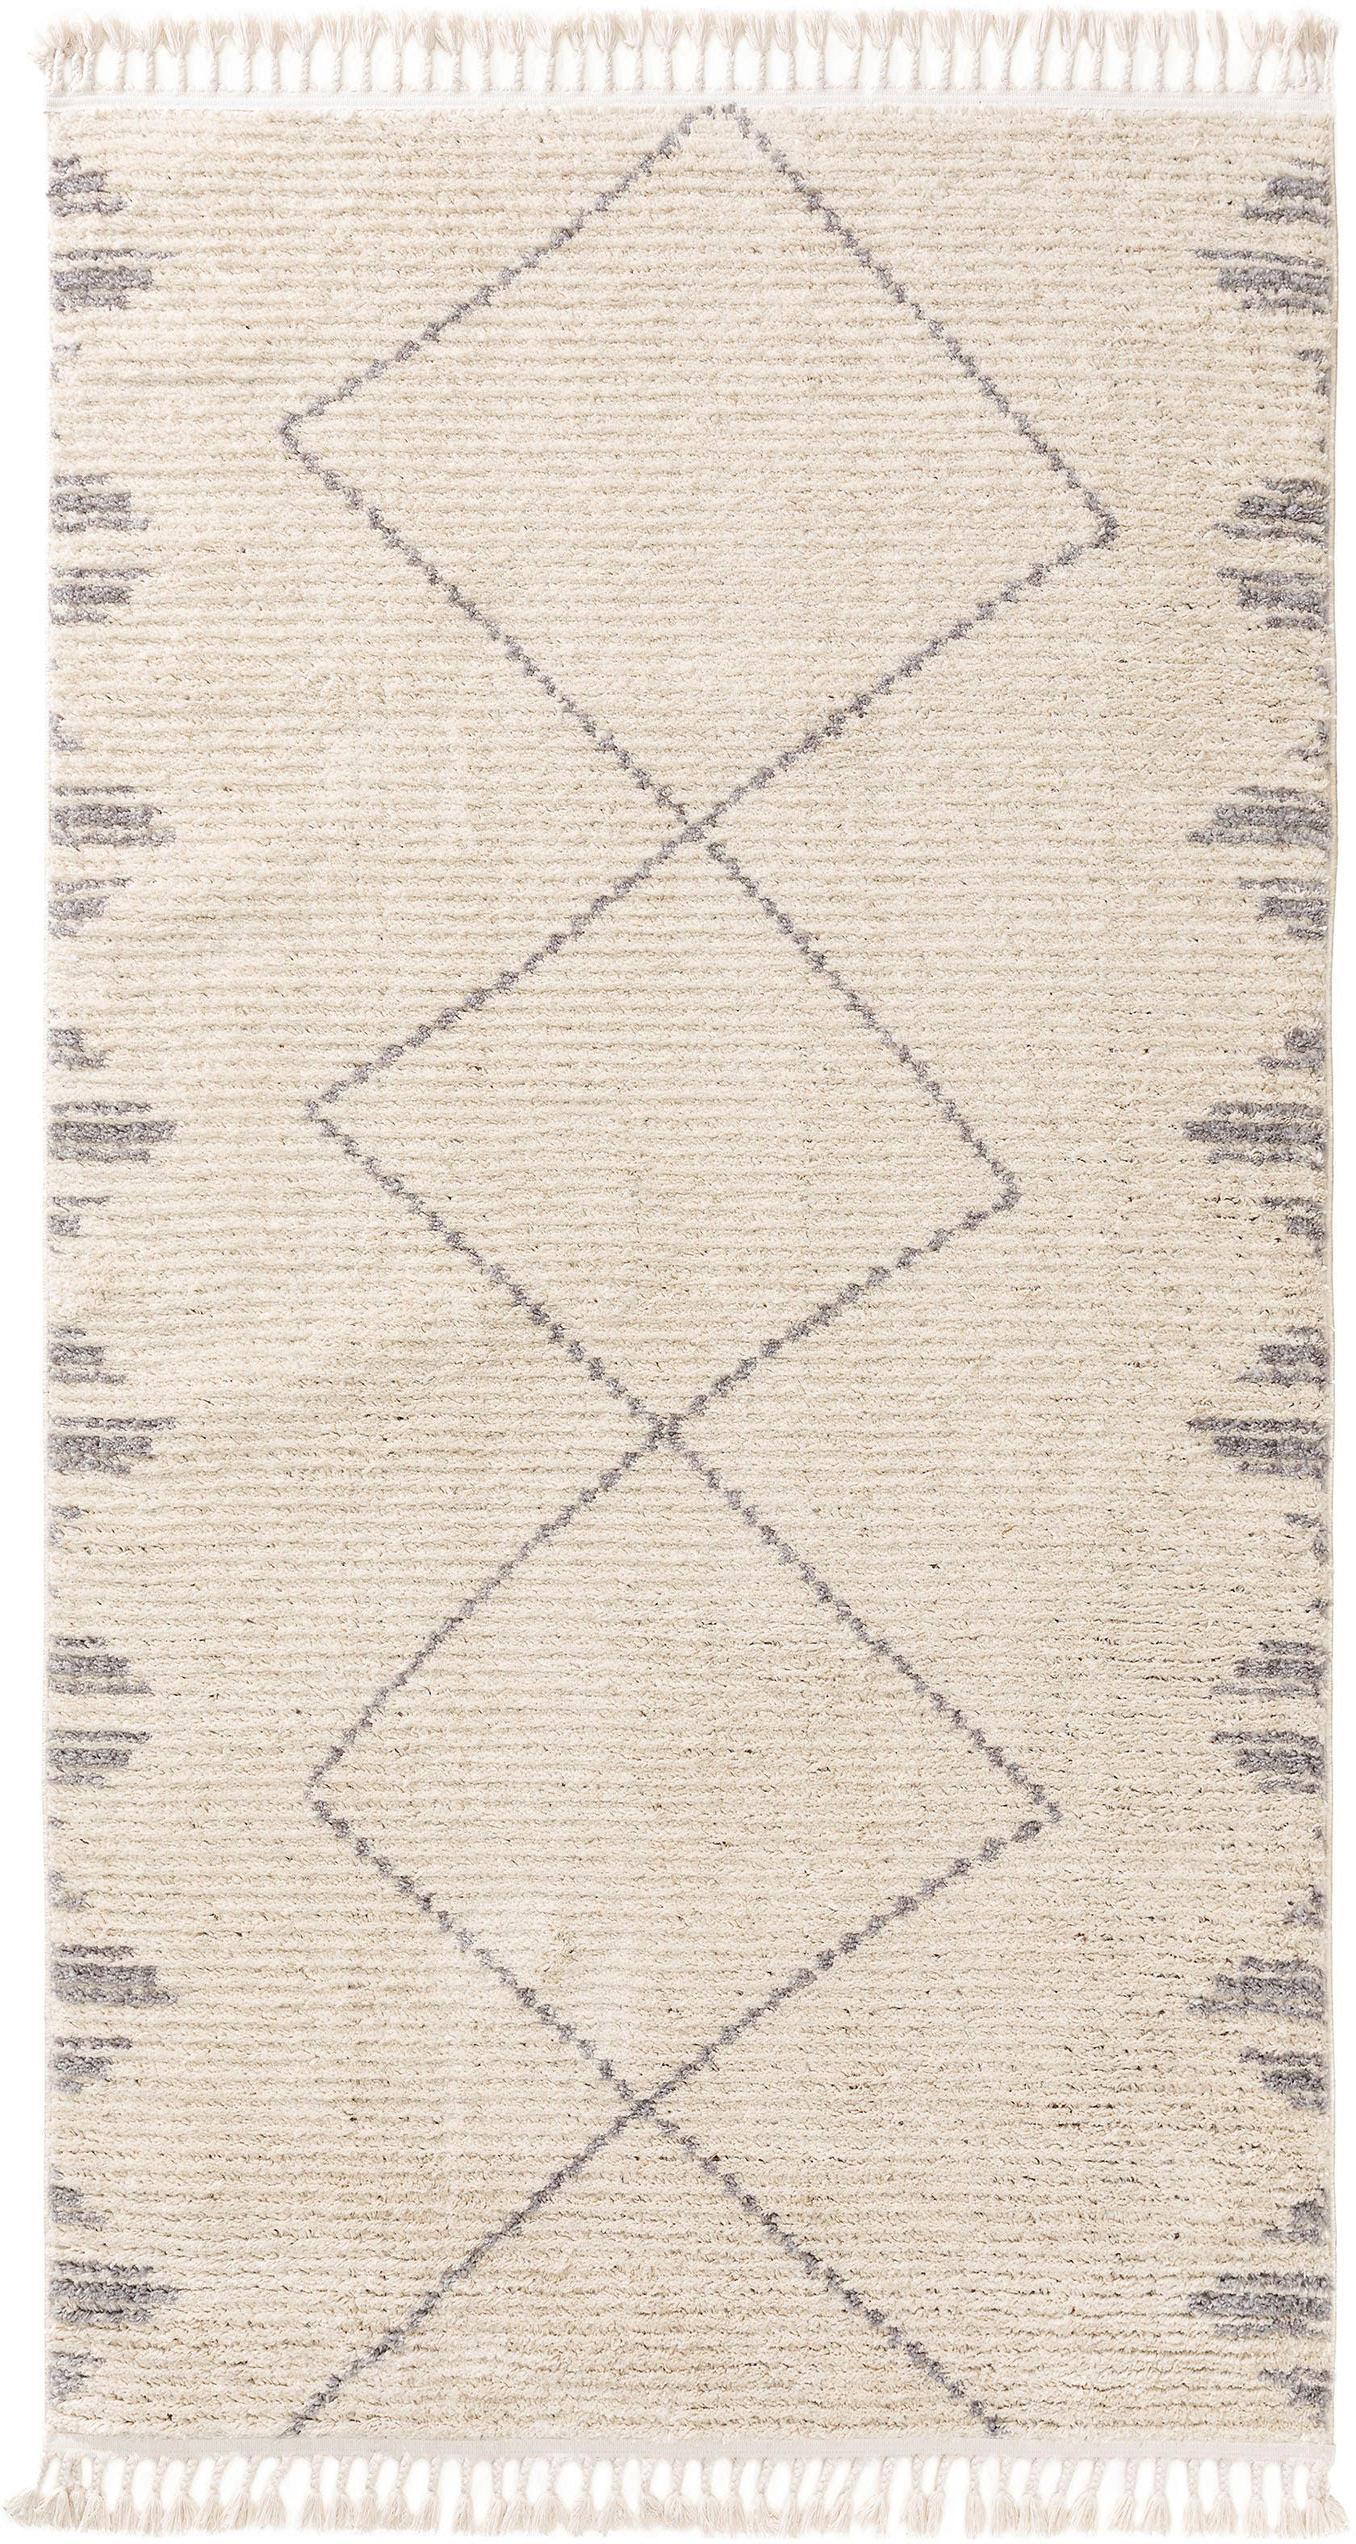 Hochflor-Teppich Bosse mit Rautenmuster und Fransen, 100% Polyester, Hellbeige, Grau, B 80 x L 150 cm (Größe XS)